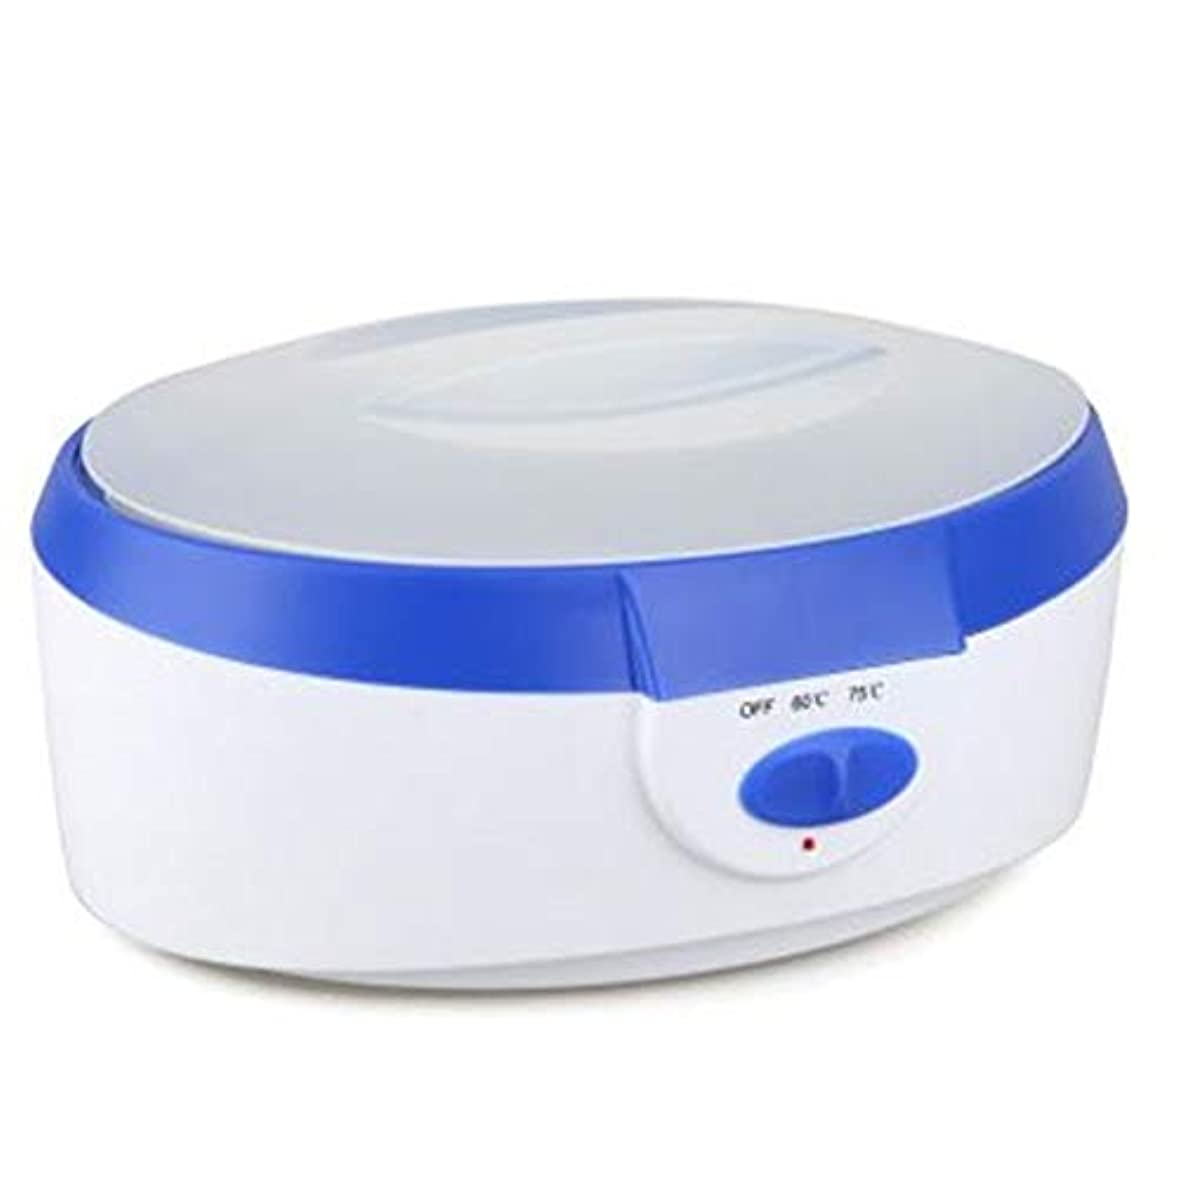 操縦する検出器帳面2.5Lパラフィンワックスのヒーターの皮の処置機械高容量の毛の取り外しのパラフィン暖房の鍋のワックスのウォーマーセット,ブルー